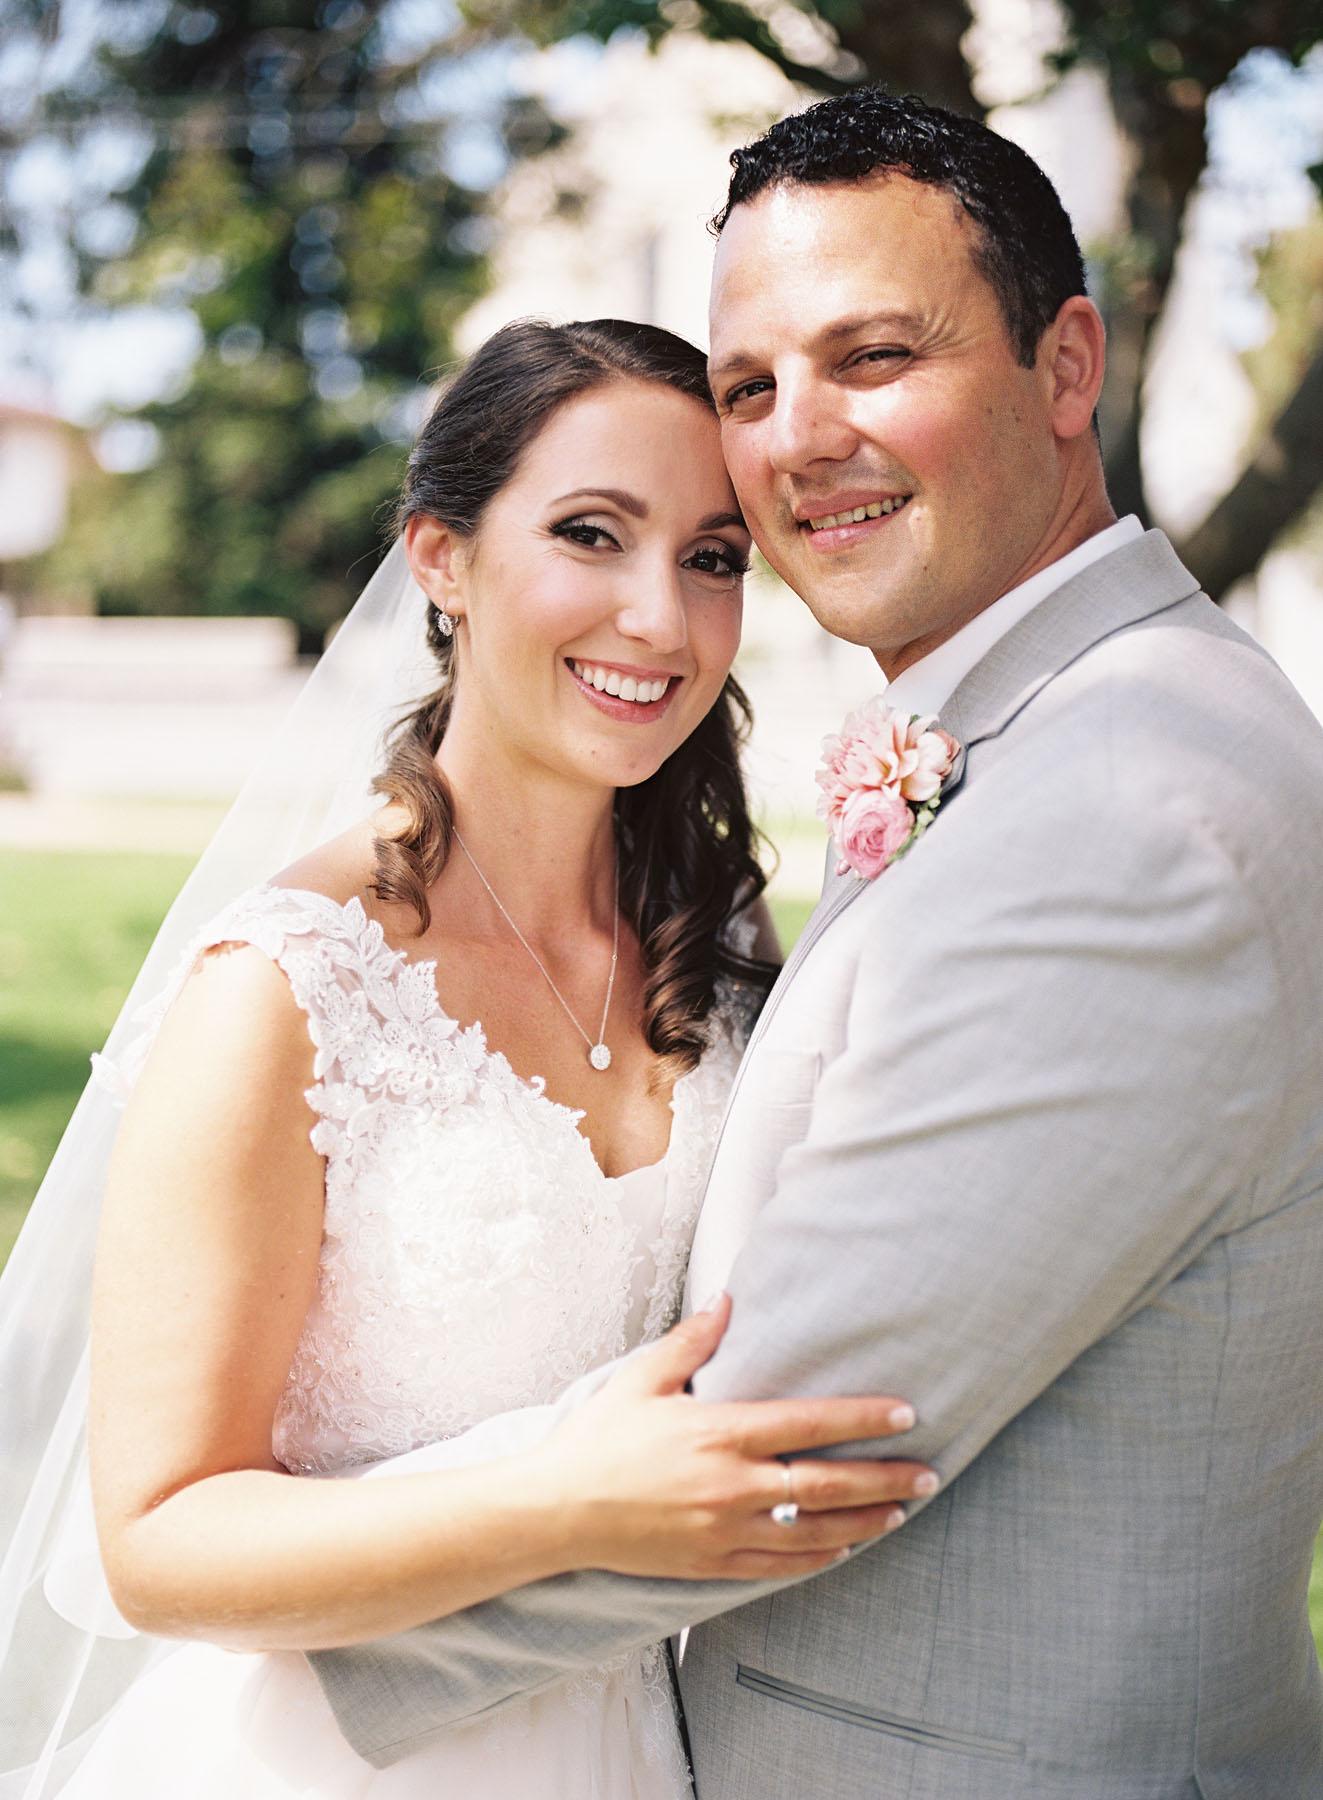 8-11-18 Vanessa and Andrew - 128.jpg